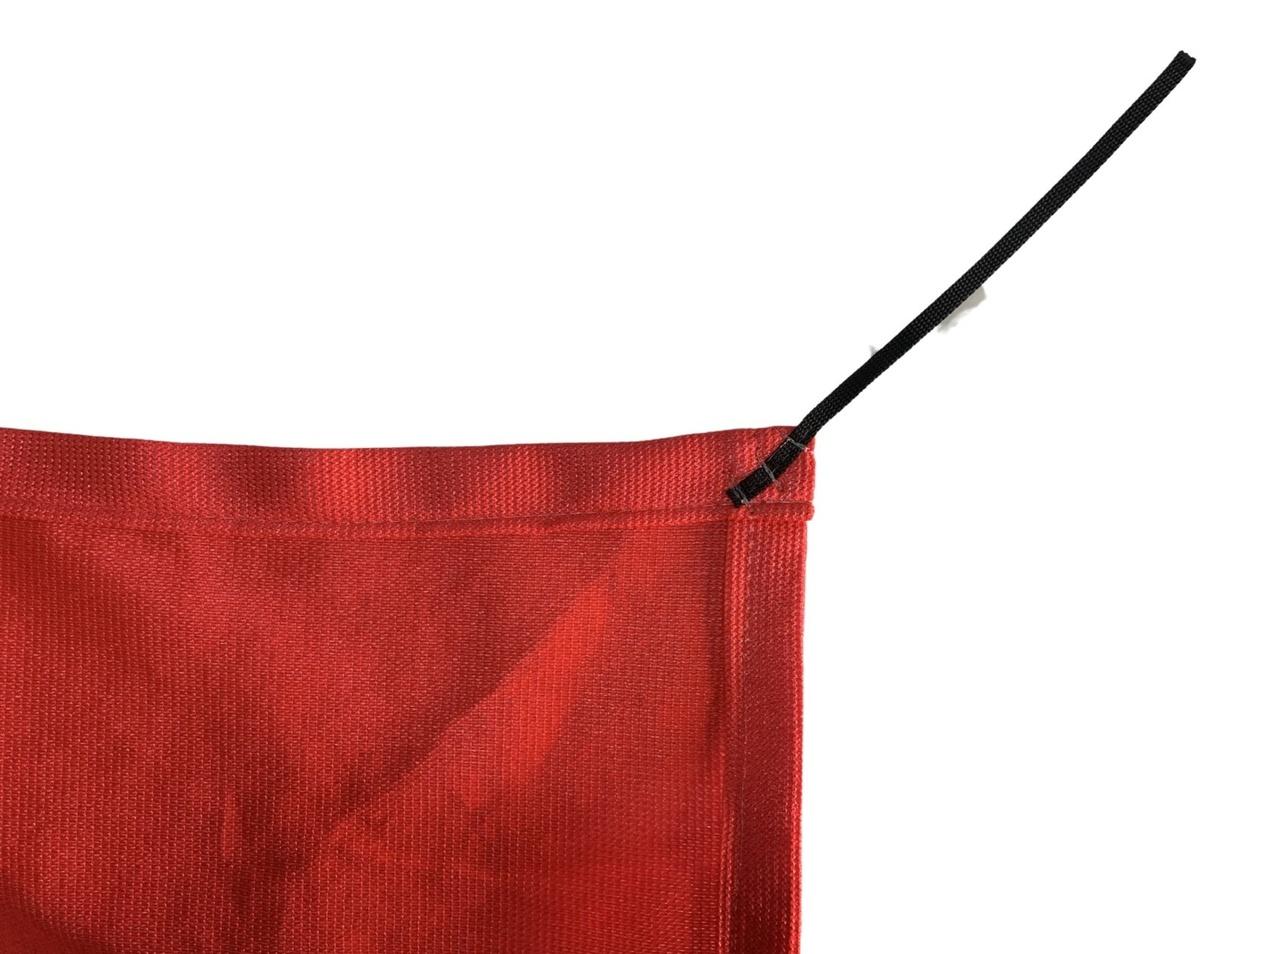 Tela de Sombreamento 90% Vermelha com Esticadores - Largura: 2,5 Metros